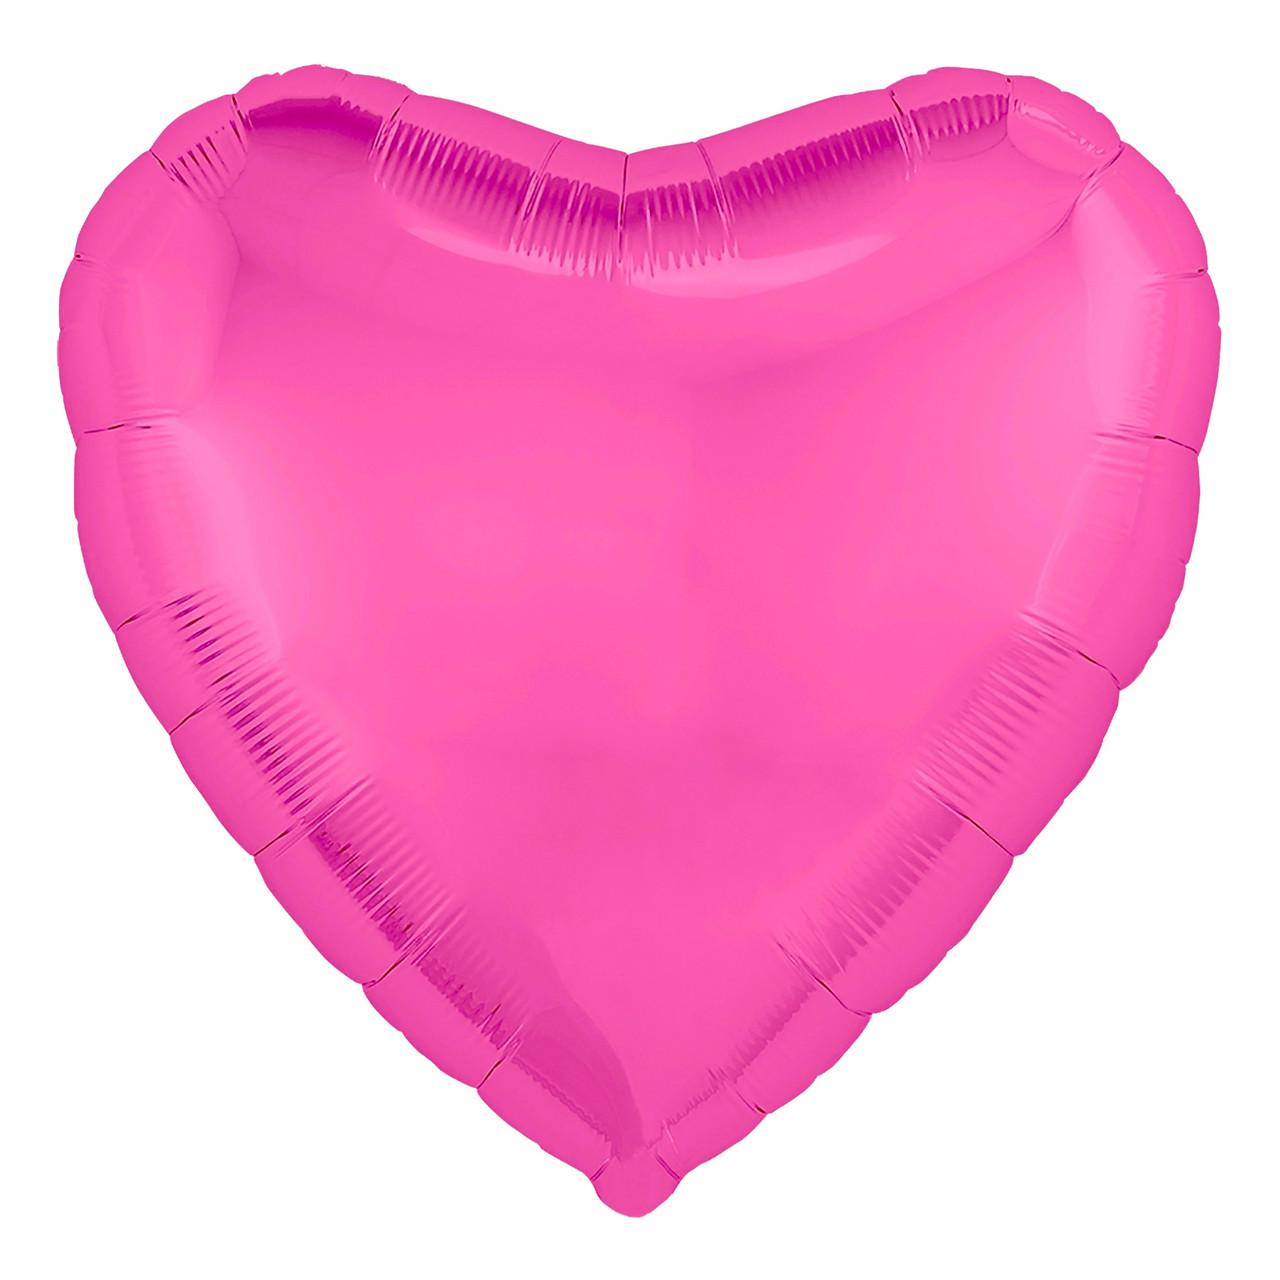 """Кулька 18"""" серце фольгована півонія ТМ """"Агура"""" однотонний шт."""